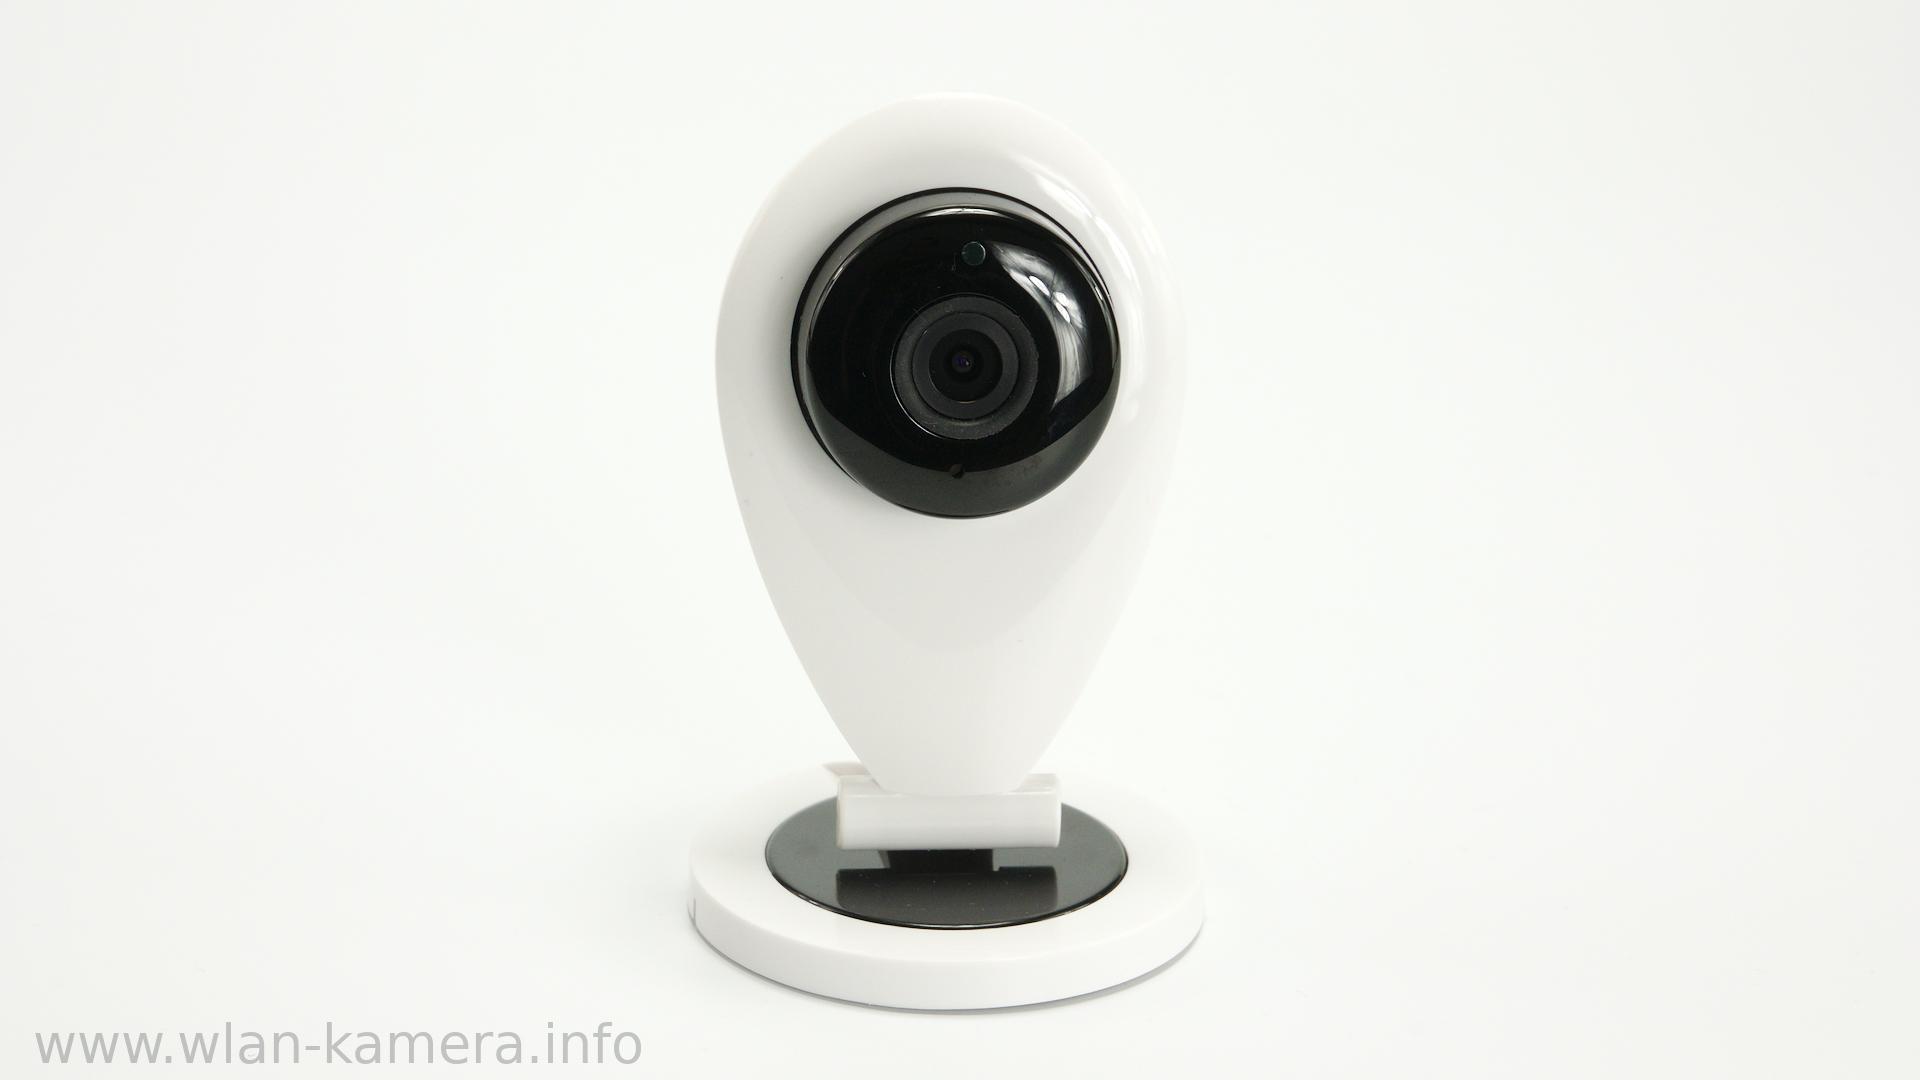 die hikam s6 im test berwachungskamera mit personenerkennung wlan kamera. Black Bedroom Furniture Sets. Home Design Ideas